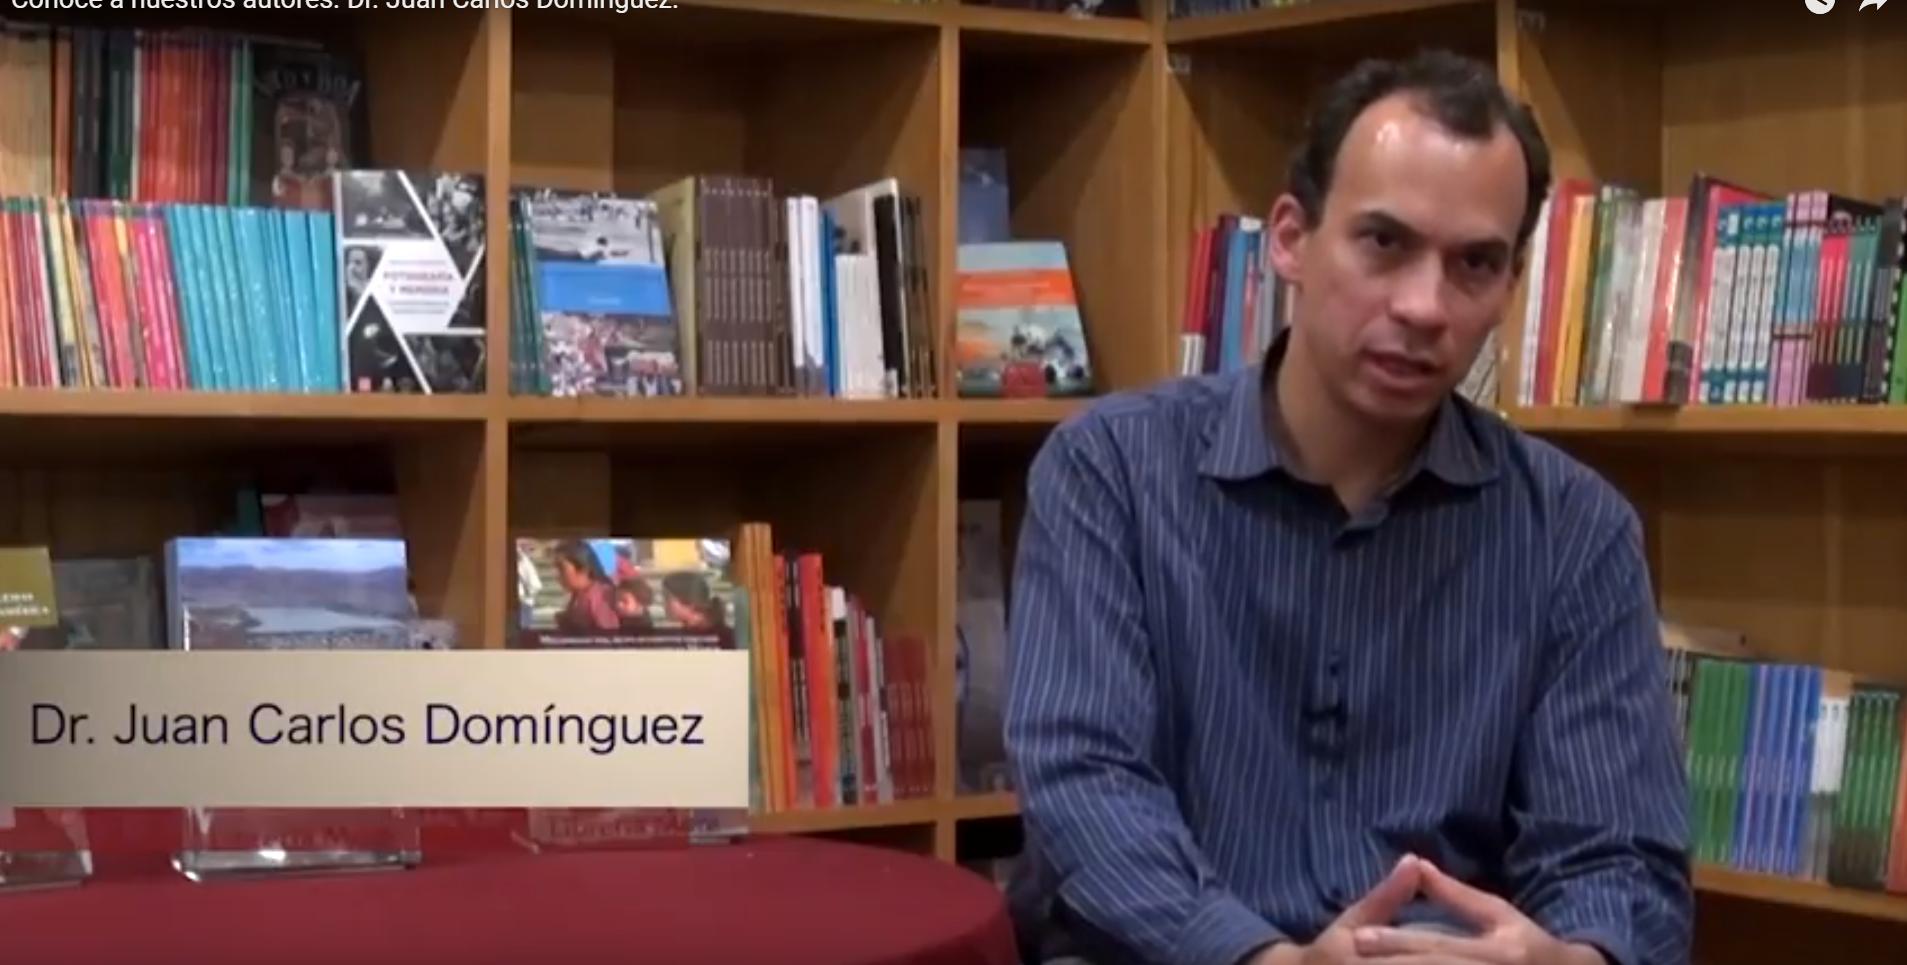 Conoce a nuestros autores. Dr. Juan Carlos Domínguez.